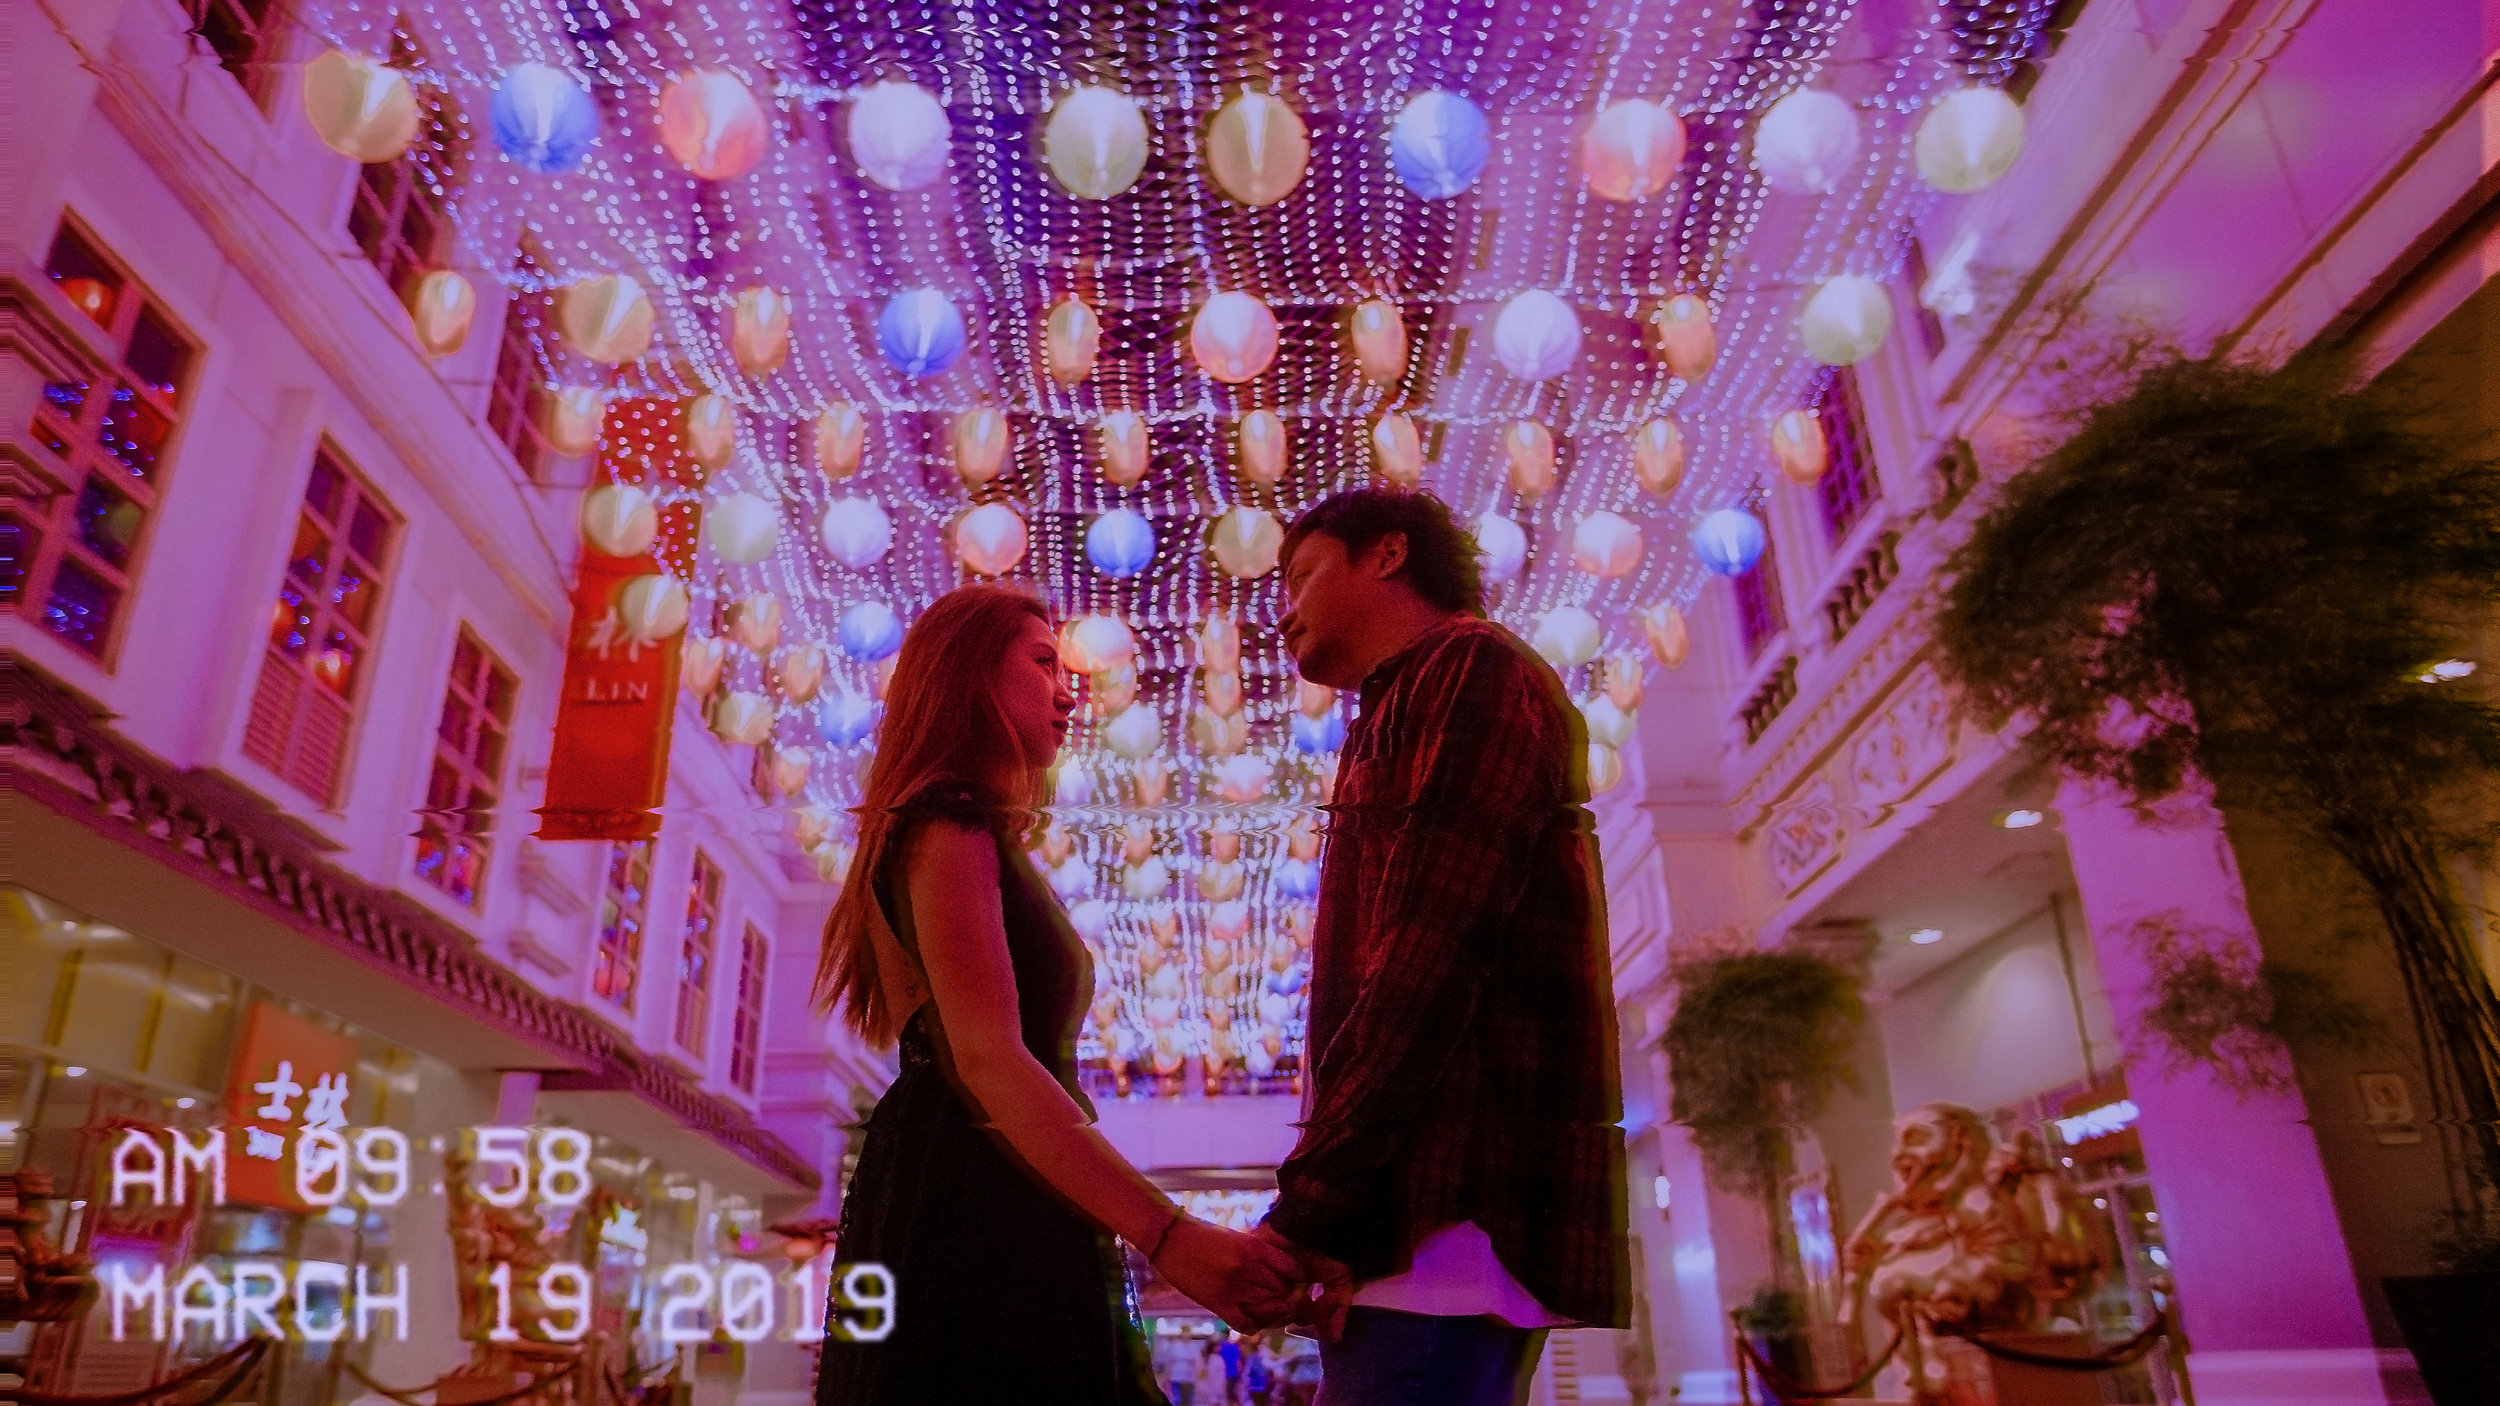 sweetpapermedia_California weddings00134 copy.jpg